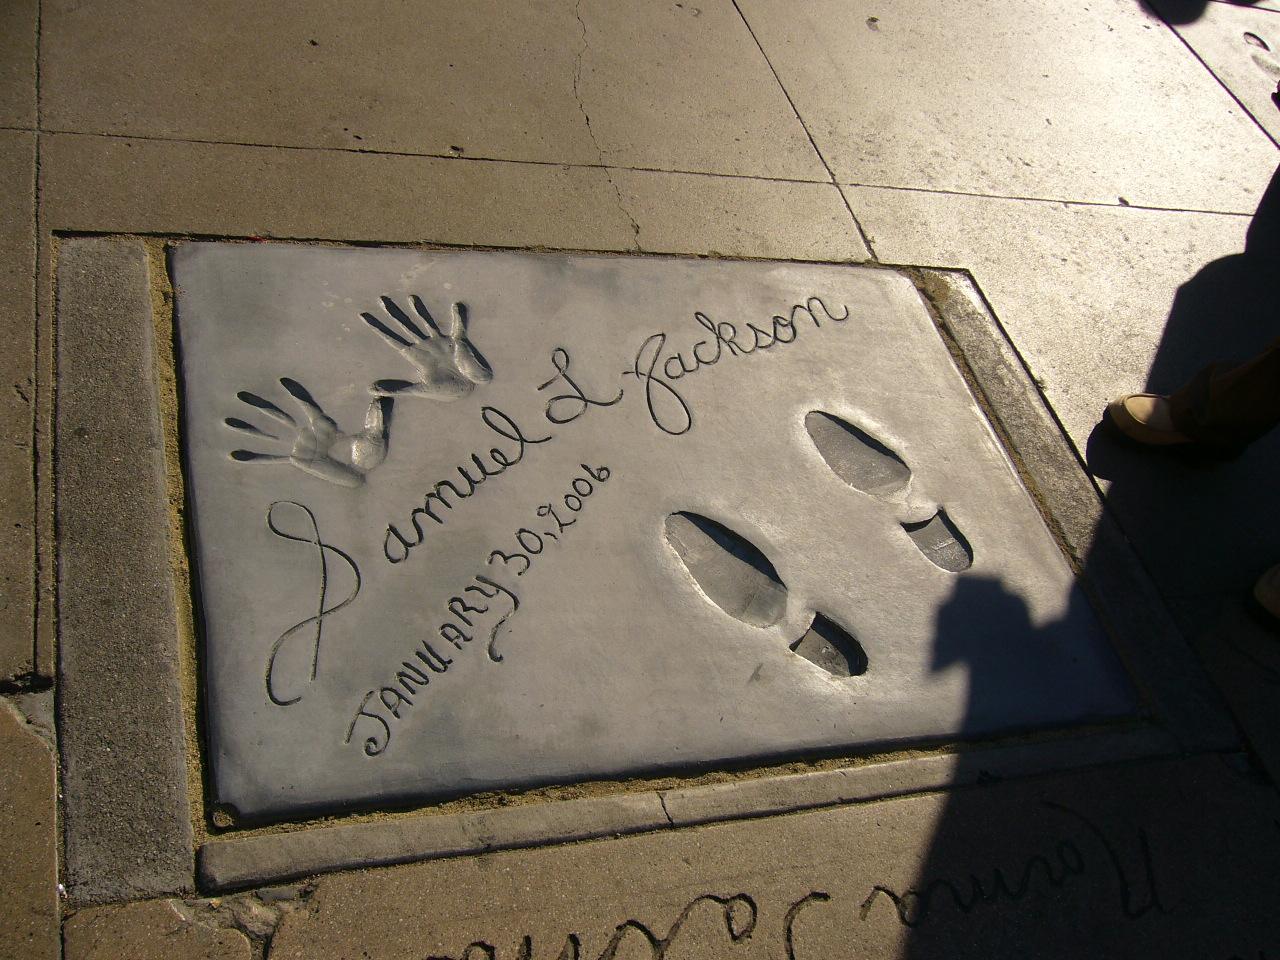 サミュエルLジャクソン サミュエルLジャクソン   2006年02月